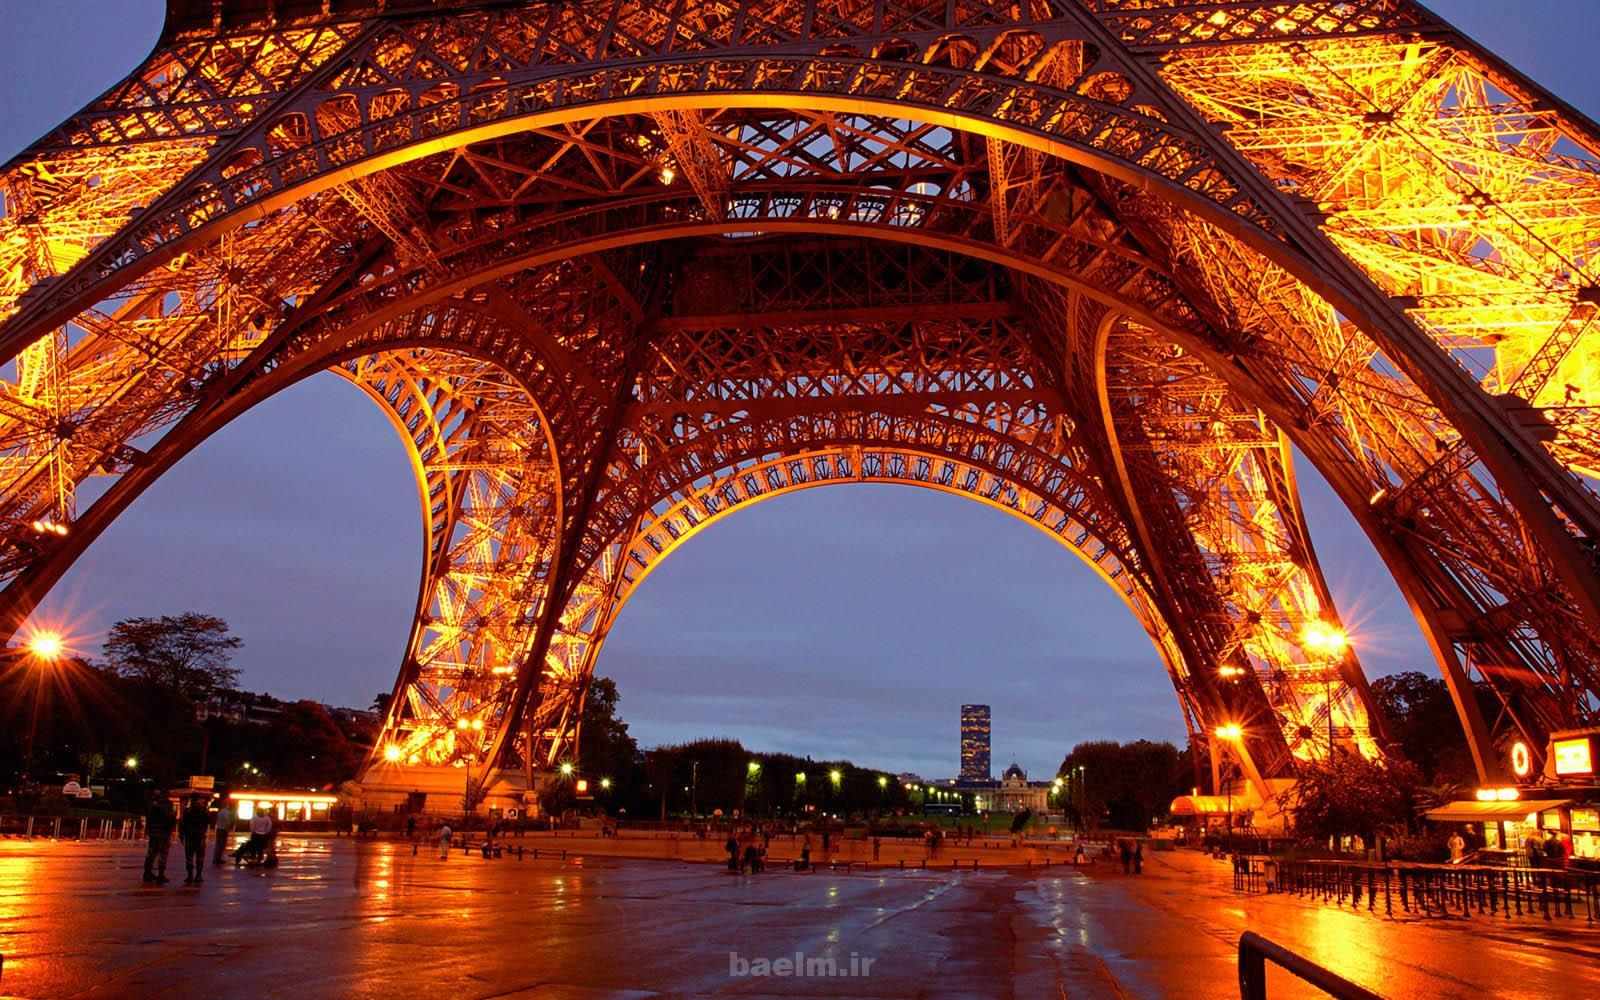 paris photos 3 Paris Pictures For Lovers